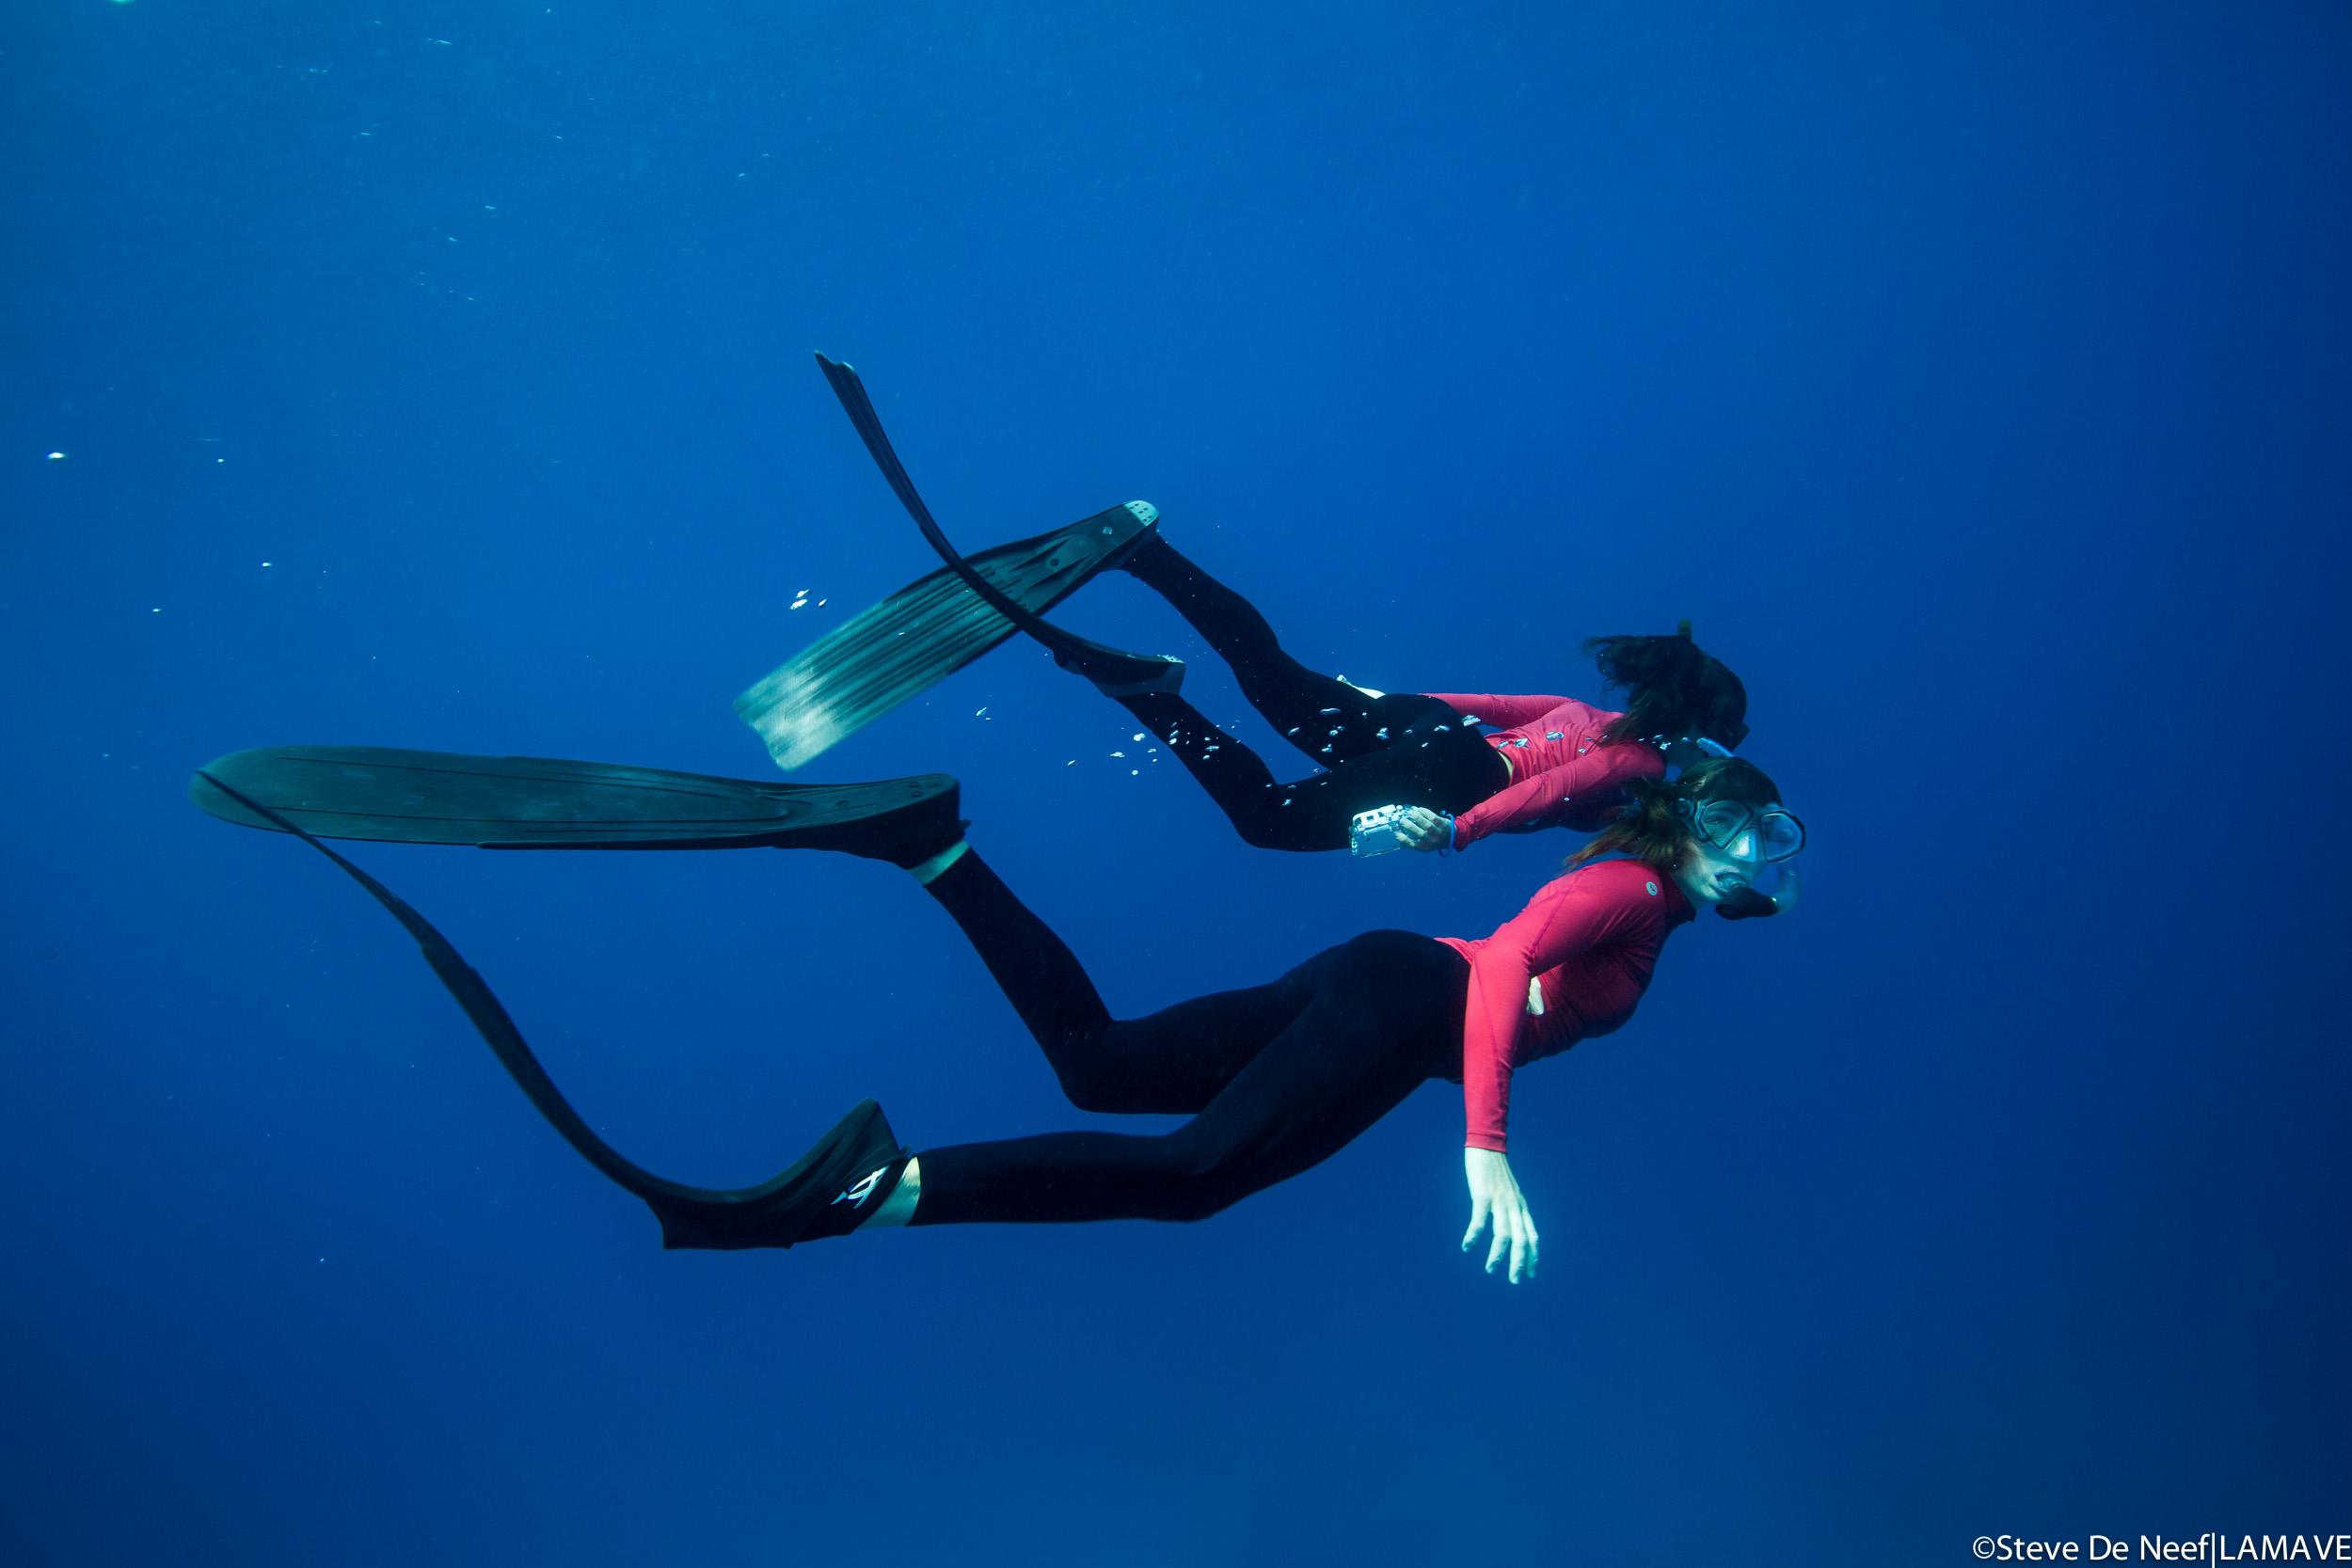 volunteer-lamave-snorkel-blood-red.jpg